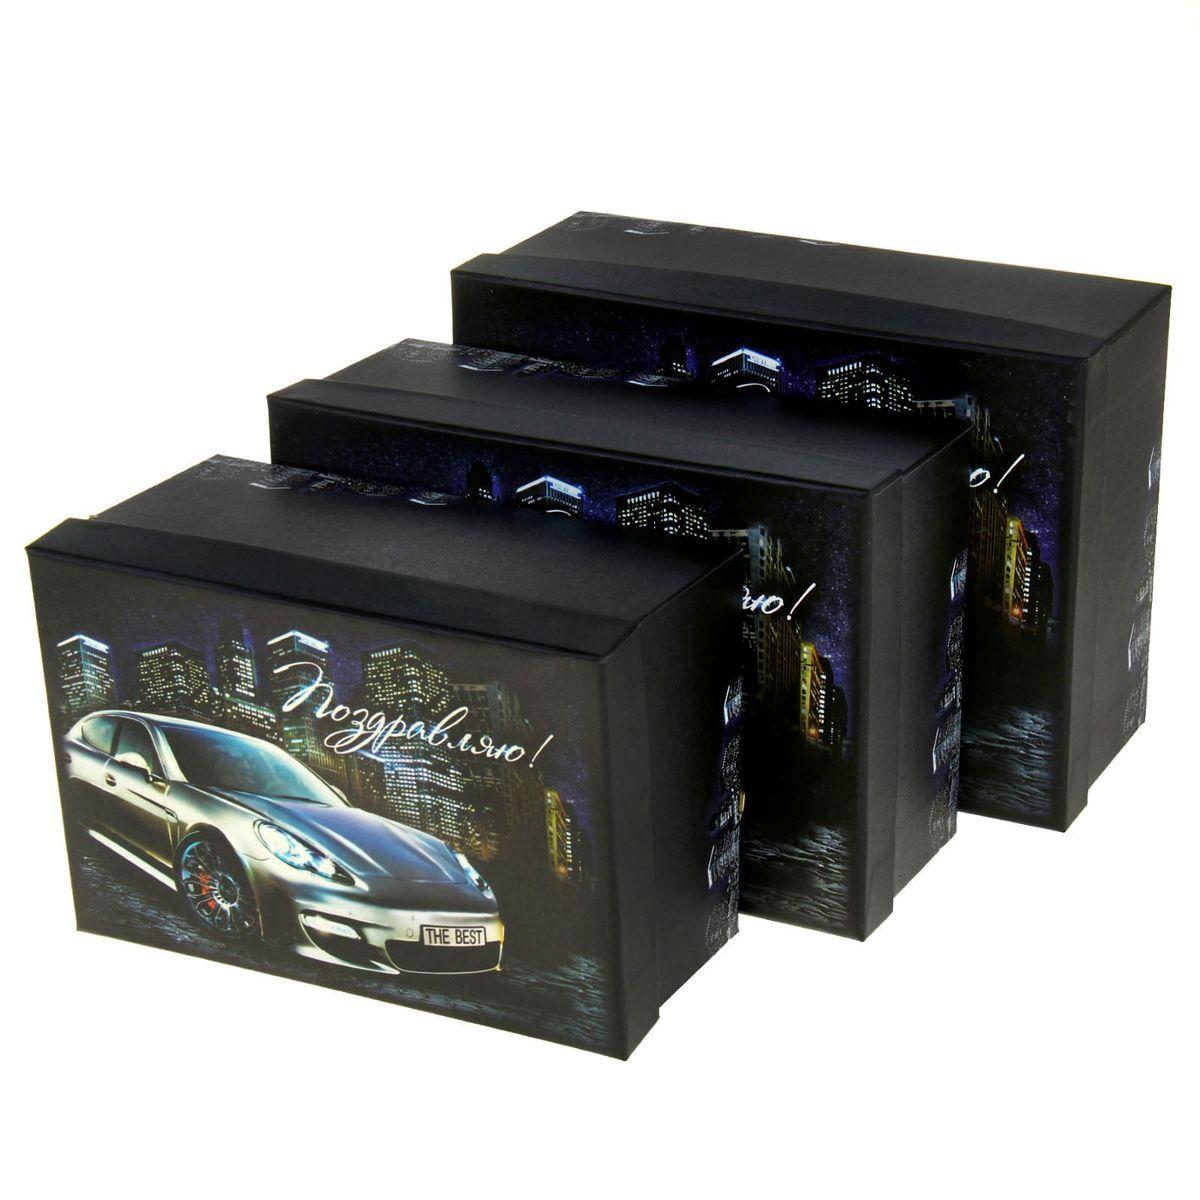 Набор подарочных коробок Sima-land Поздравляю!, 3 шт862368Набор Sima-land Поздравляю! состоит из 3 подарочных коробок разного размера, выполненных из плотного картона. Крышка оформлена ярким изображением и надписью Поздравляю!. Подарочная коробка - это наилучшее решение, если вы хотите порадовать ваших близких и создать праздничное настроение, ведь подарок, преподнесенный в оригинальной упаковке, всегда будет самым эффектным и запоминающимся. Окружите близких людей вниманием и заботой, вручив презент в нарядном, праздничном оформлении. Размер большой коробки (с учетом крышки): 18 см х 25 см х 10,5 см. Размер средней коробки (с учетом крышки): 16 см х 23 см х 9,5 см. Размер маленькой коробки (с учетом крышки): 14,5 см х 21 см х 8,5 см.